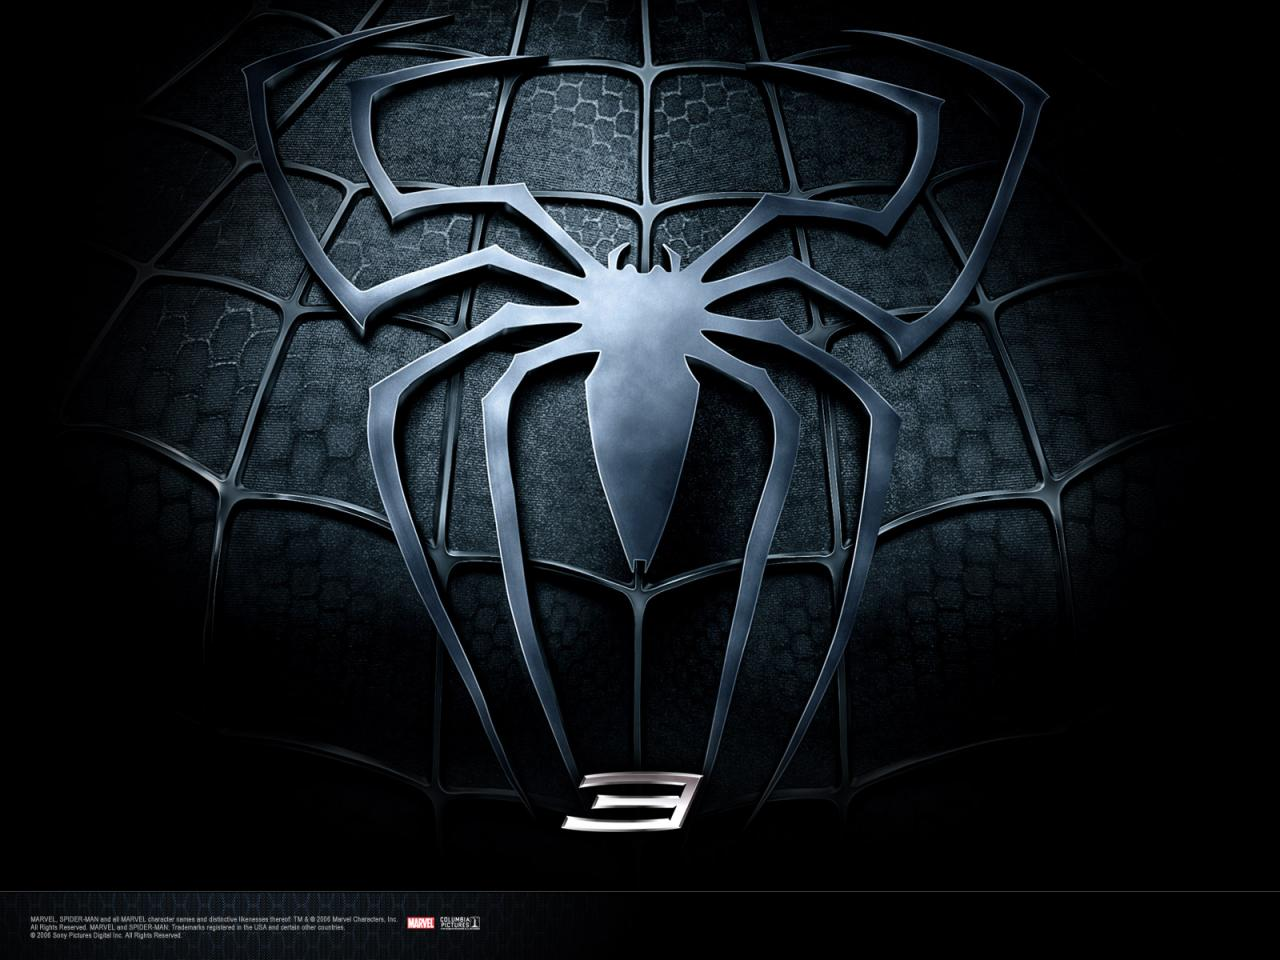 Wallpaper Spiderman costume noir spider